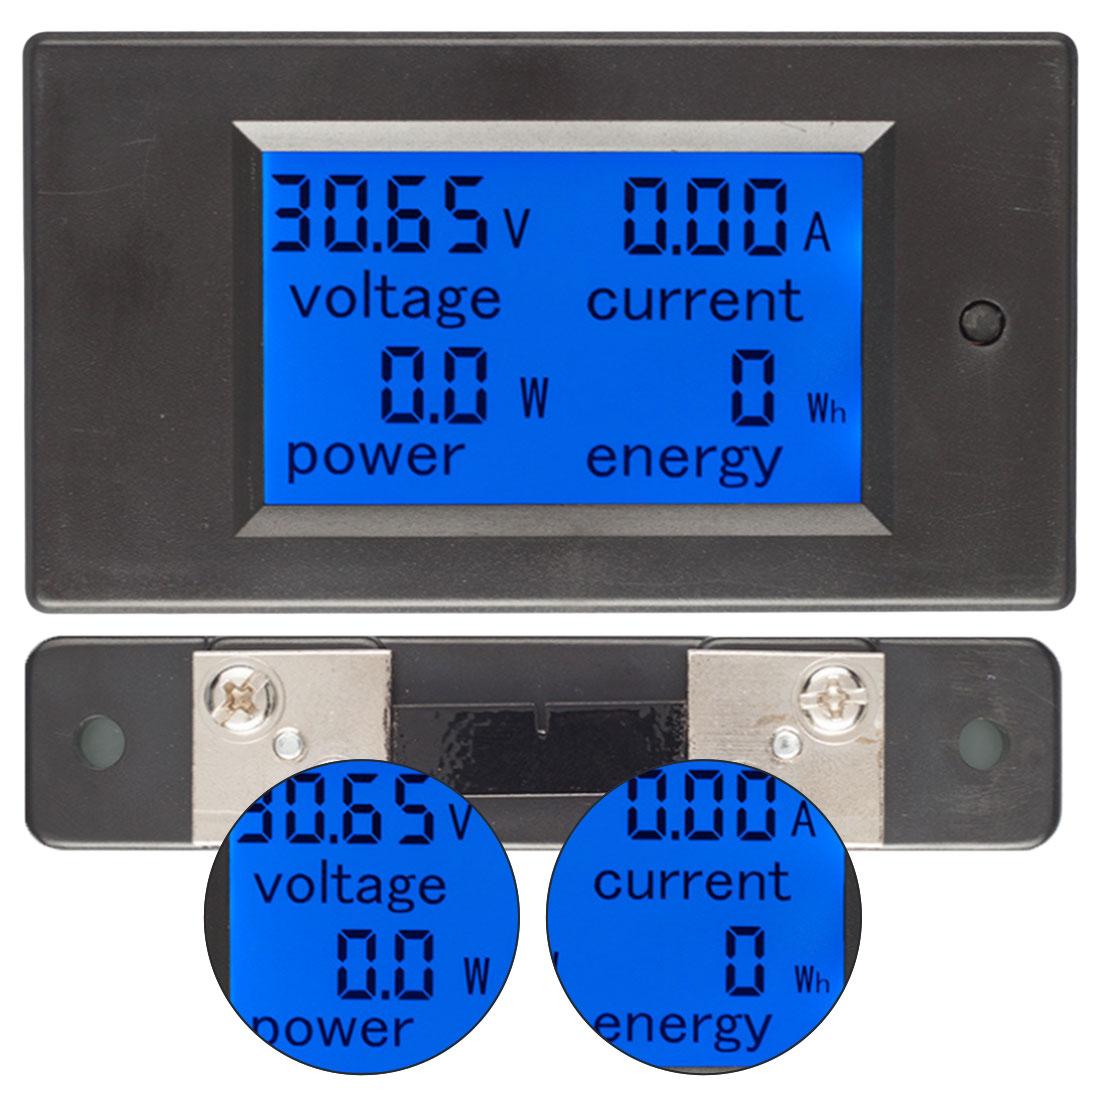 LCD Display DC 6.5-100V 0-100A Digital Current Voltage Power Energy Meter Multimeter Ammeter Voltmeter 100A Current Shunt